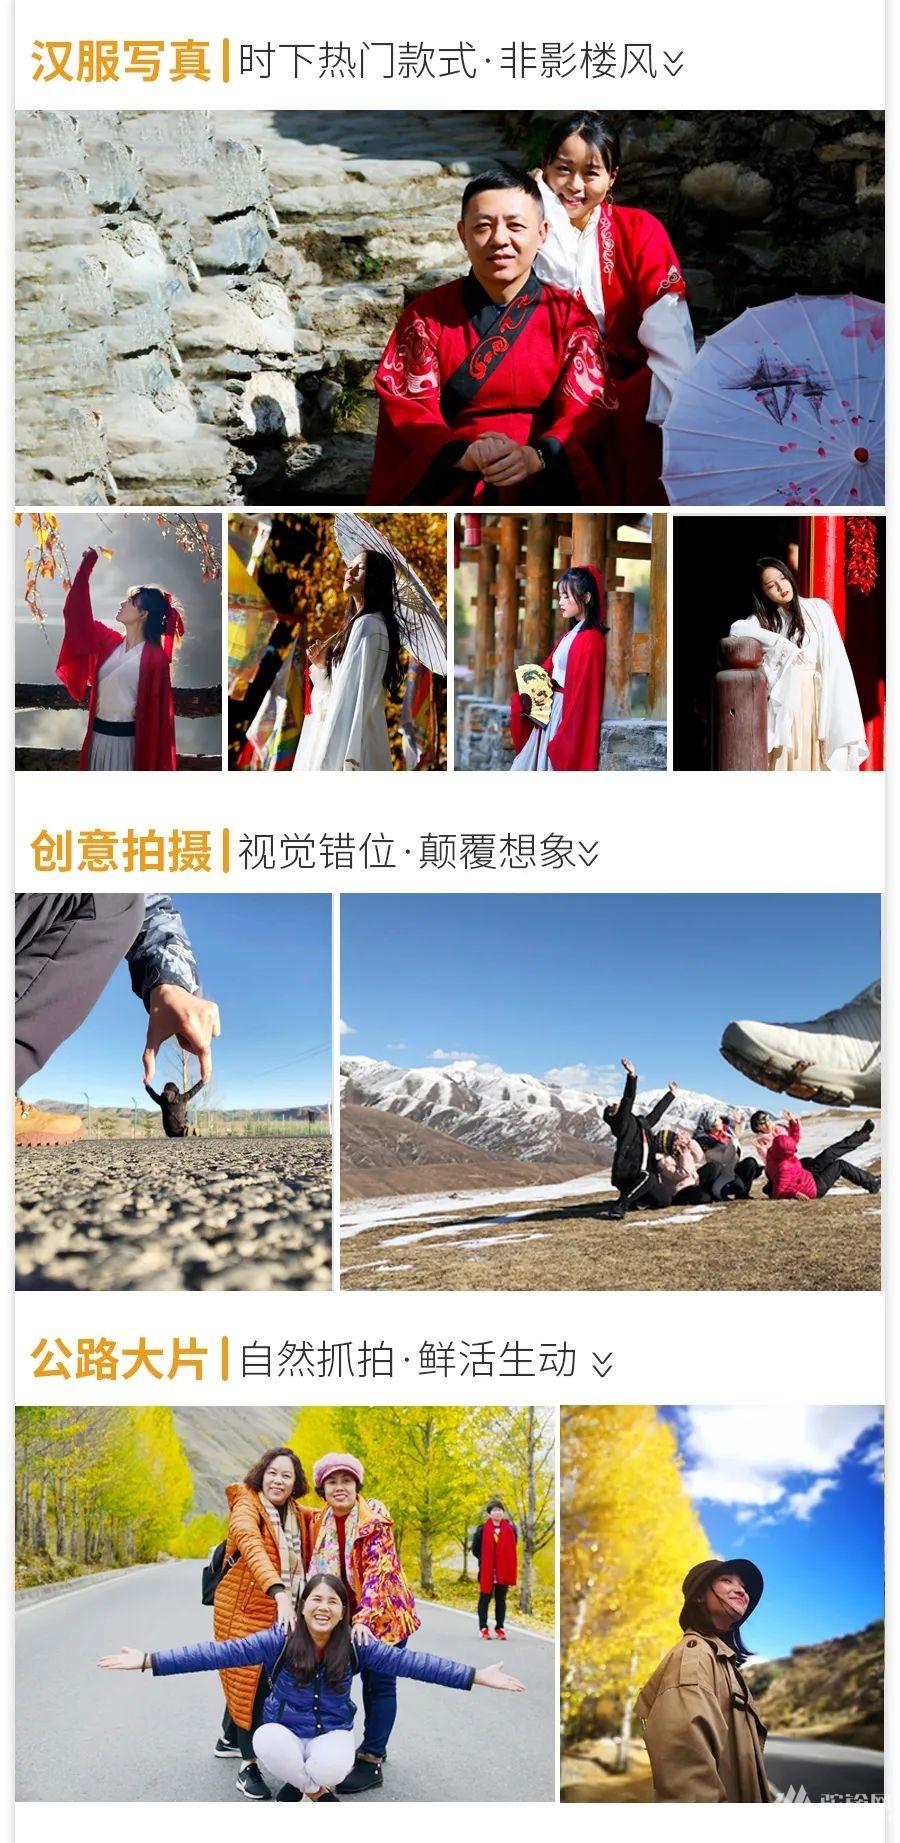 (9)【大美九寨·6日】川西北彩林盛宴 · 驻地旅拍 · 摄影师免费为您拍美片-户外活动图-驼铃网